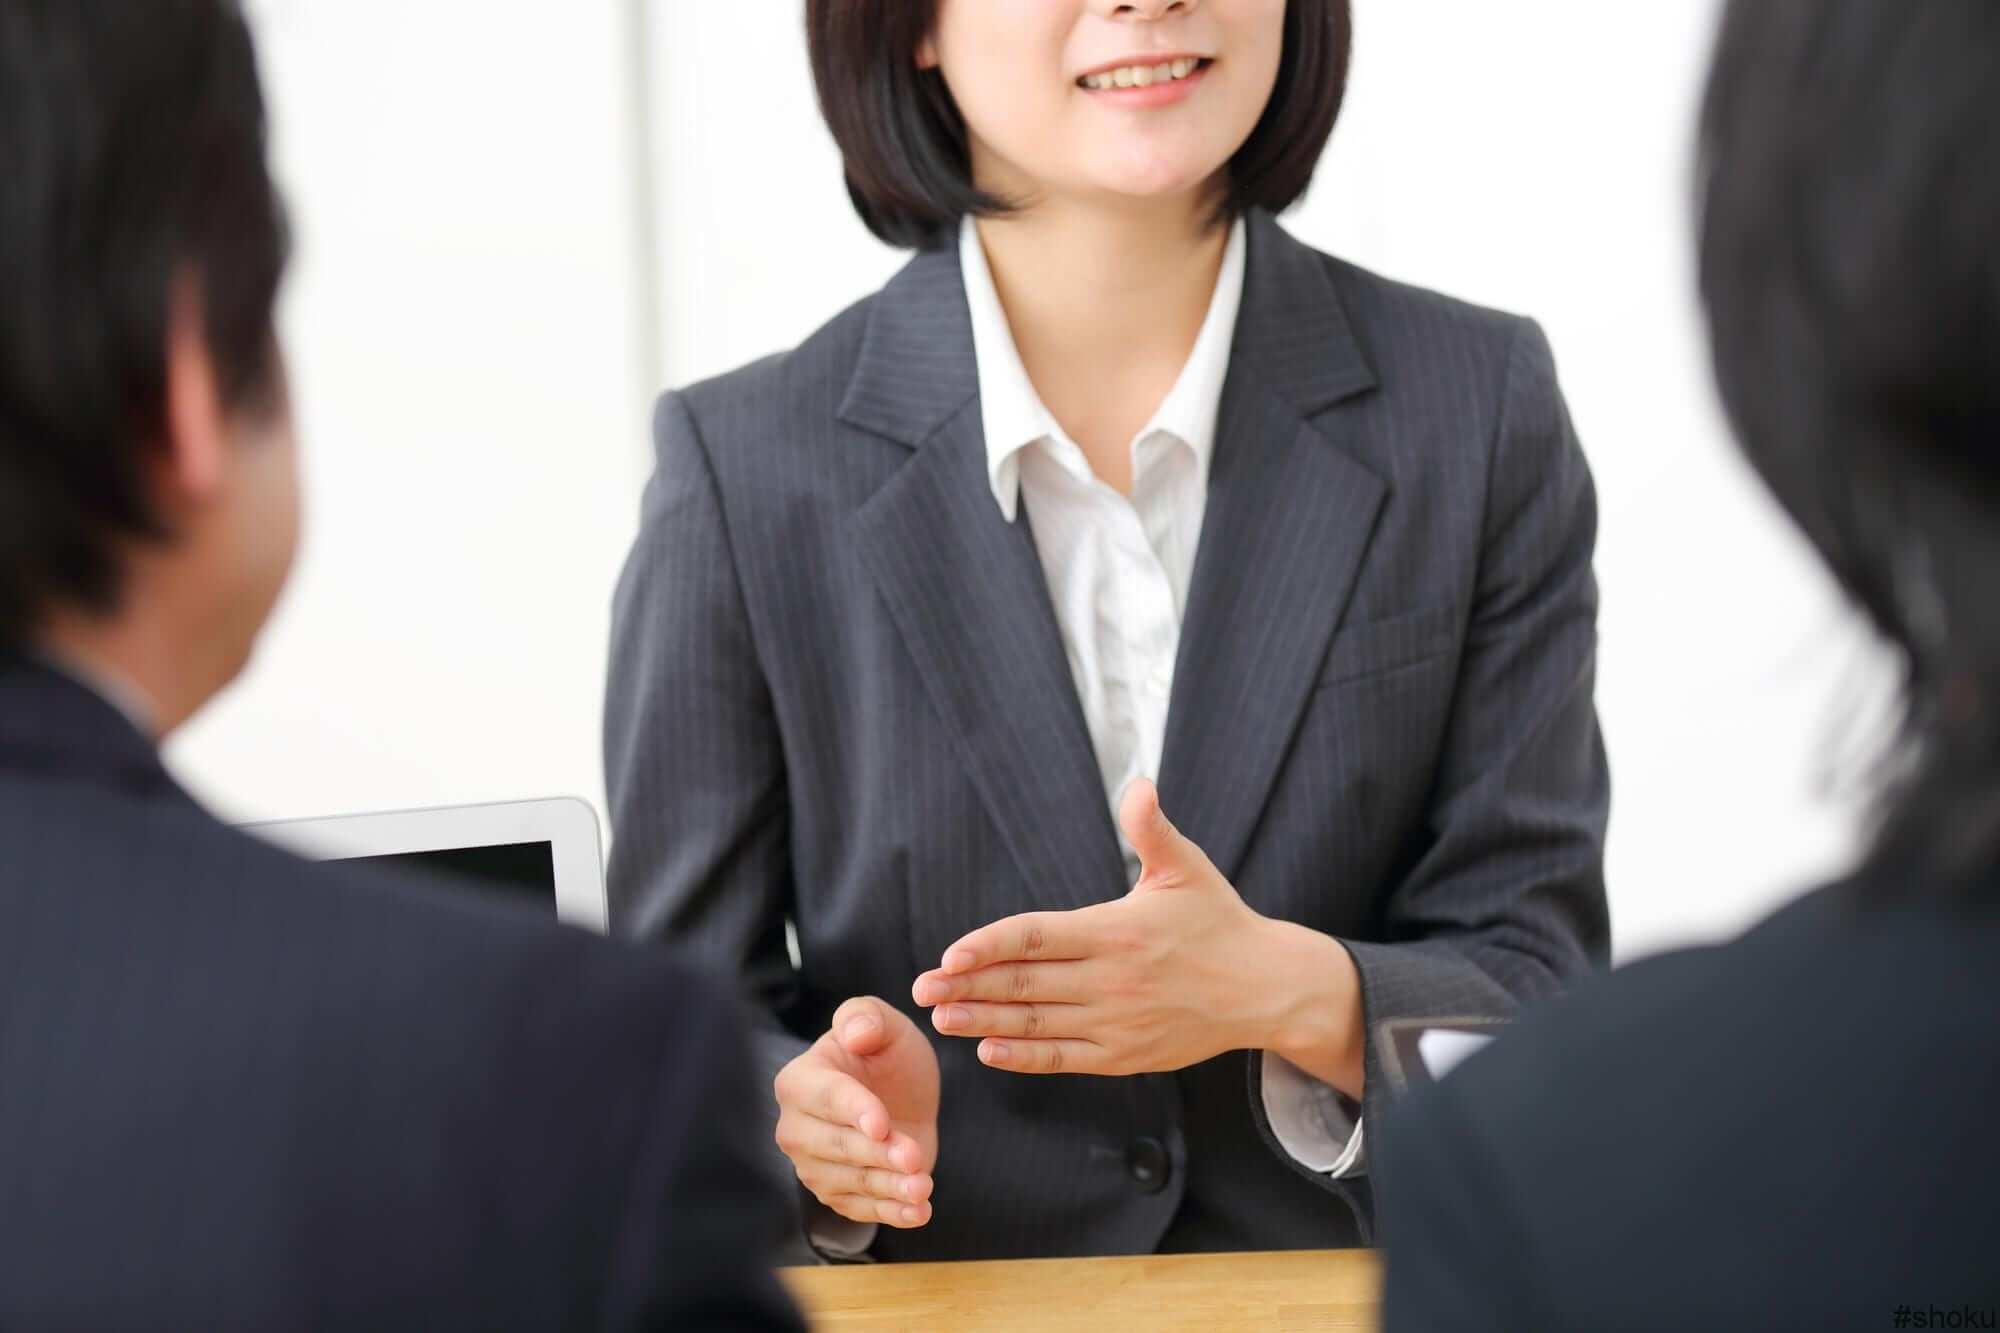 転職エージェントへ初回面談に向かうまえに確認すべき3つのポイント